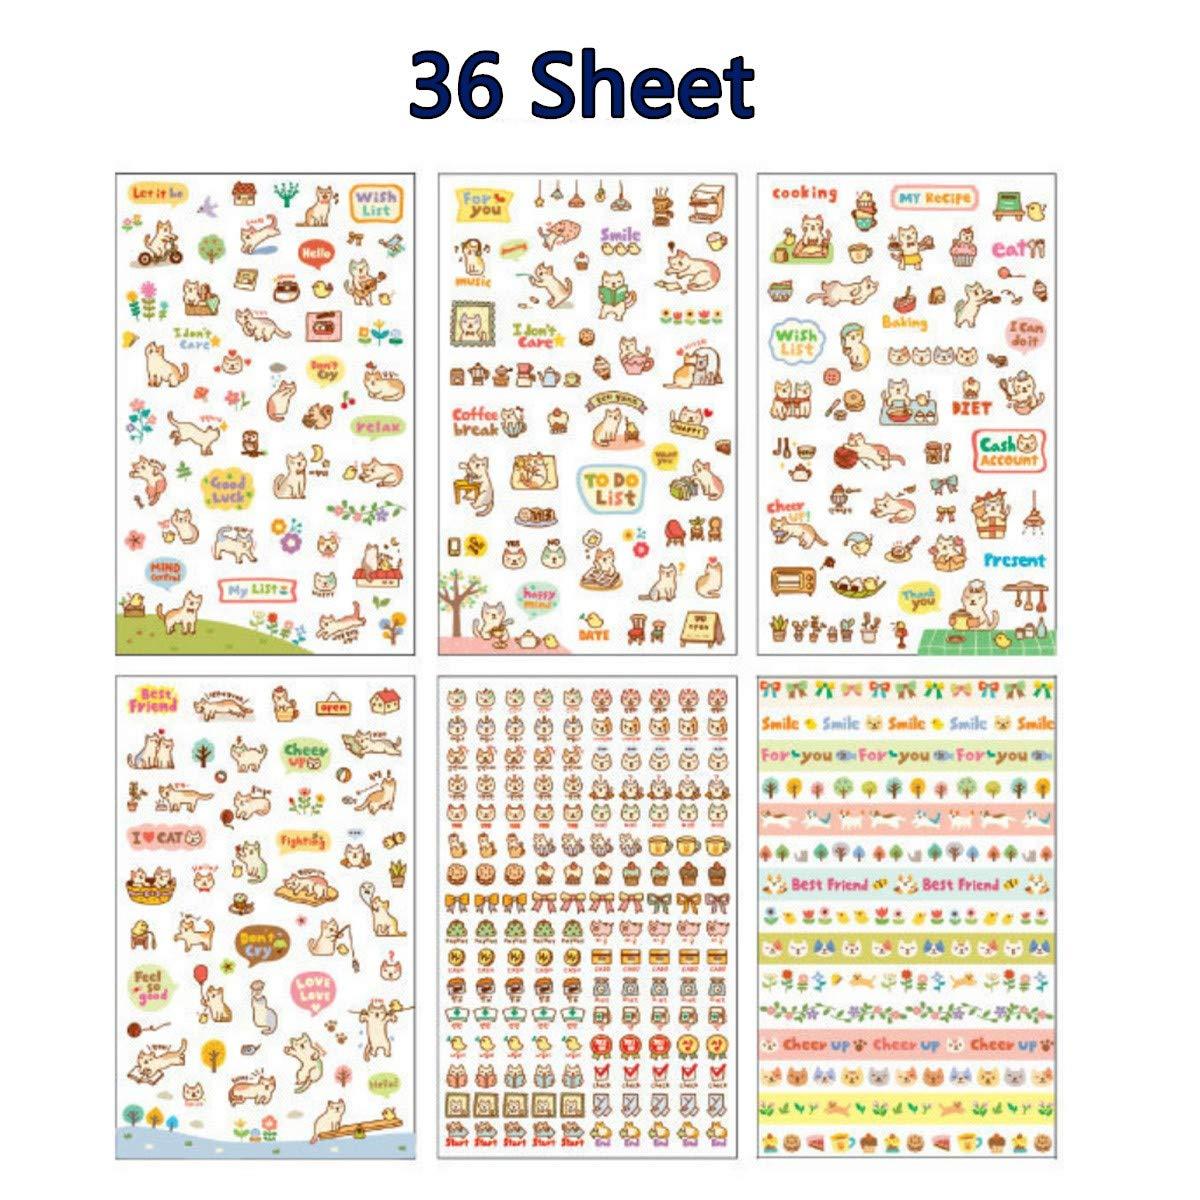 36シート かわいい猫 透明カレンダー 日記帳 ステッカー スクラップブック プランナーデコレーション プランナーステッカー バリューパック B07GPTGWNF